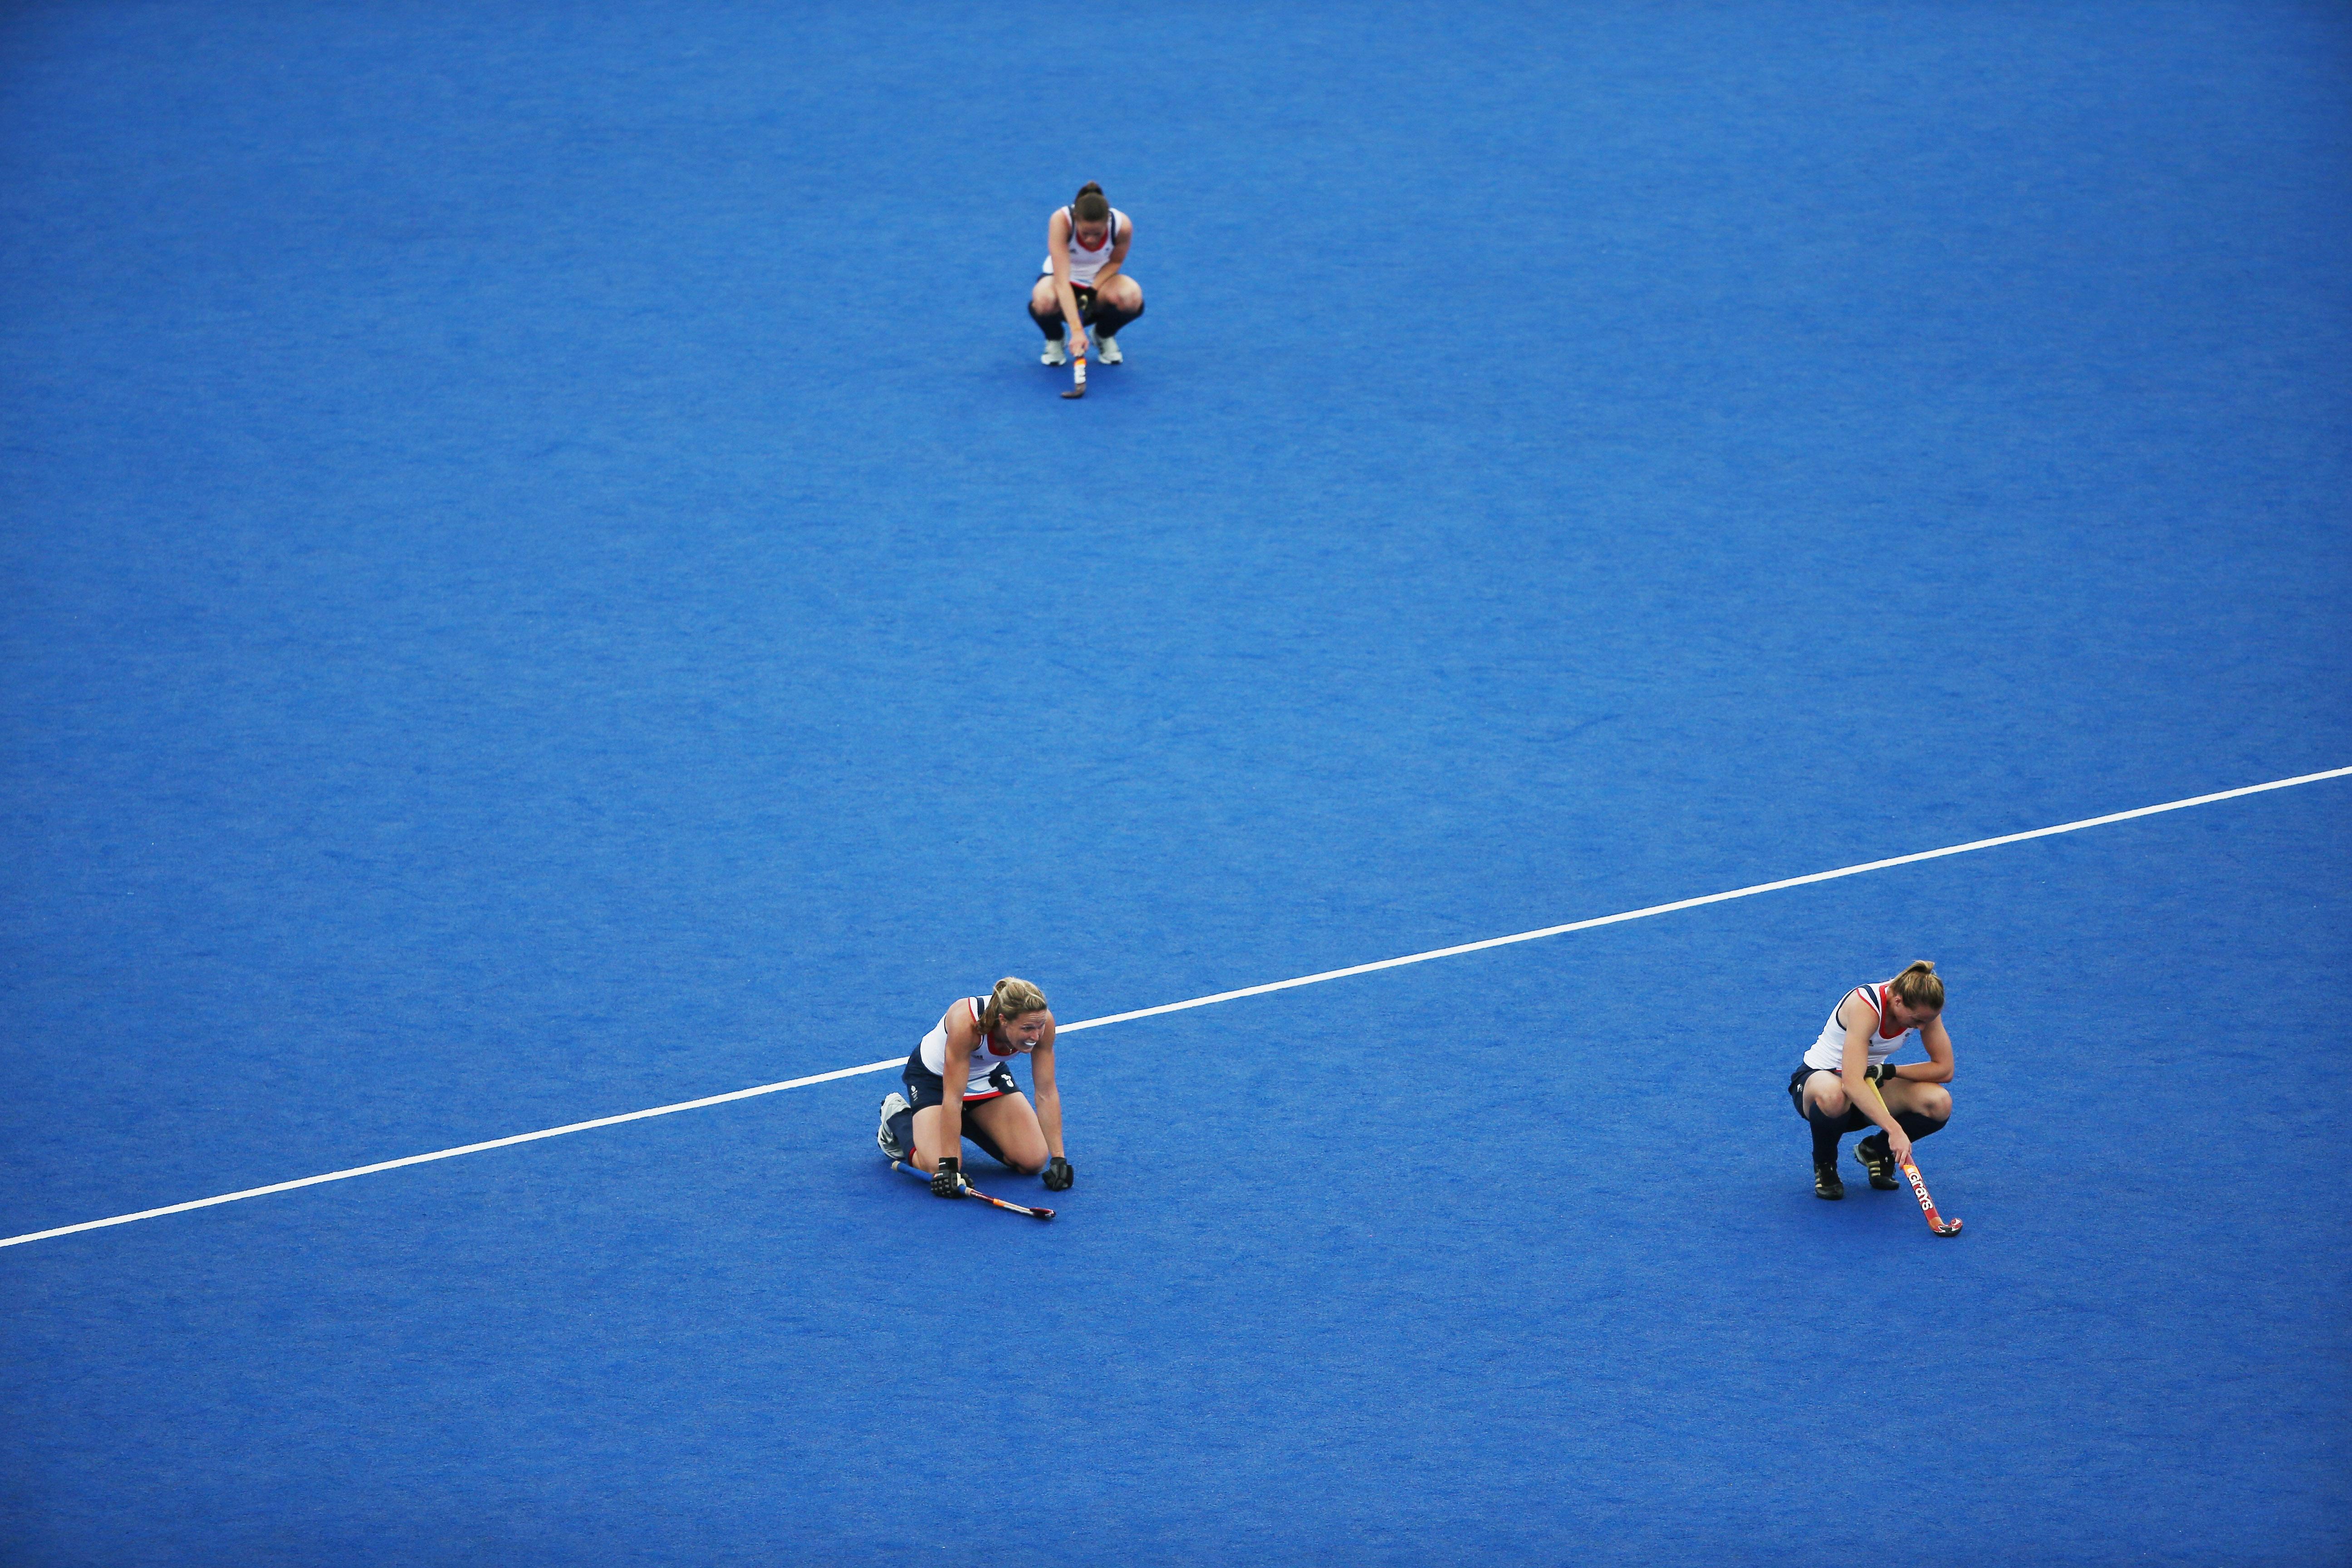 Olympics Day 8 - Hockey